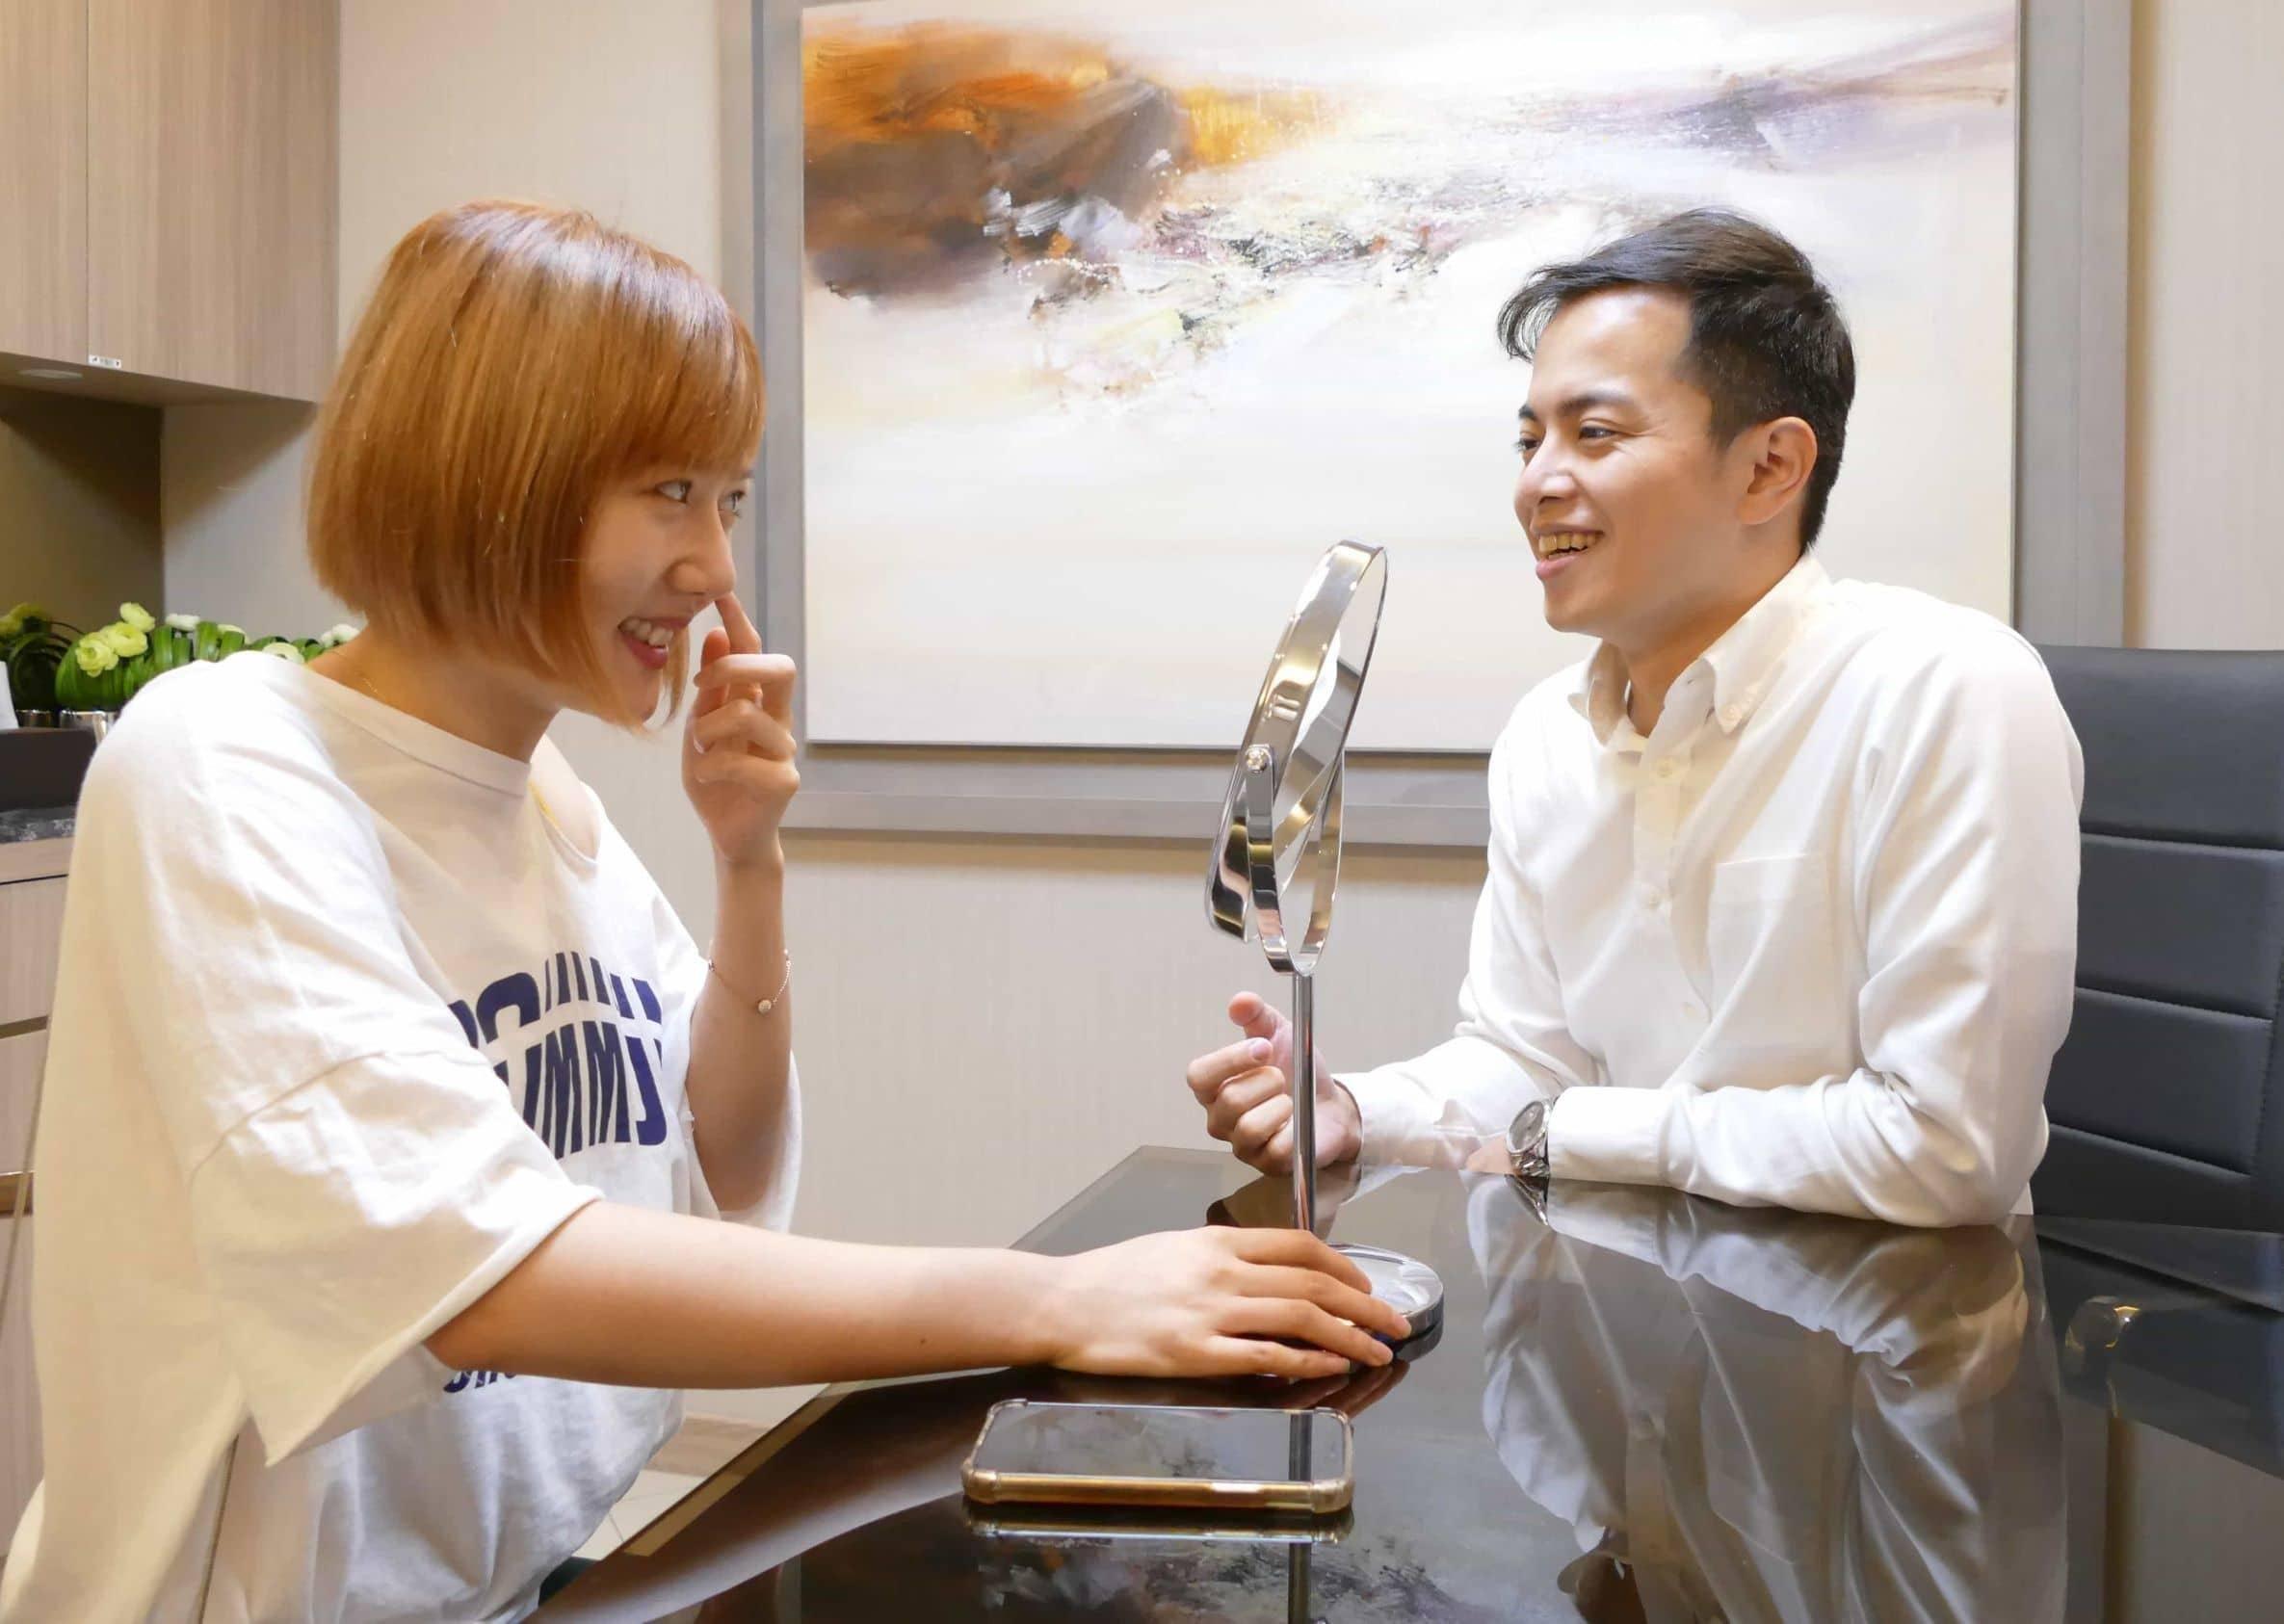 美容雷射應由專業醫師親自諮詢個人狀況-極緻醫美